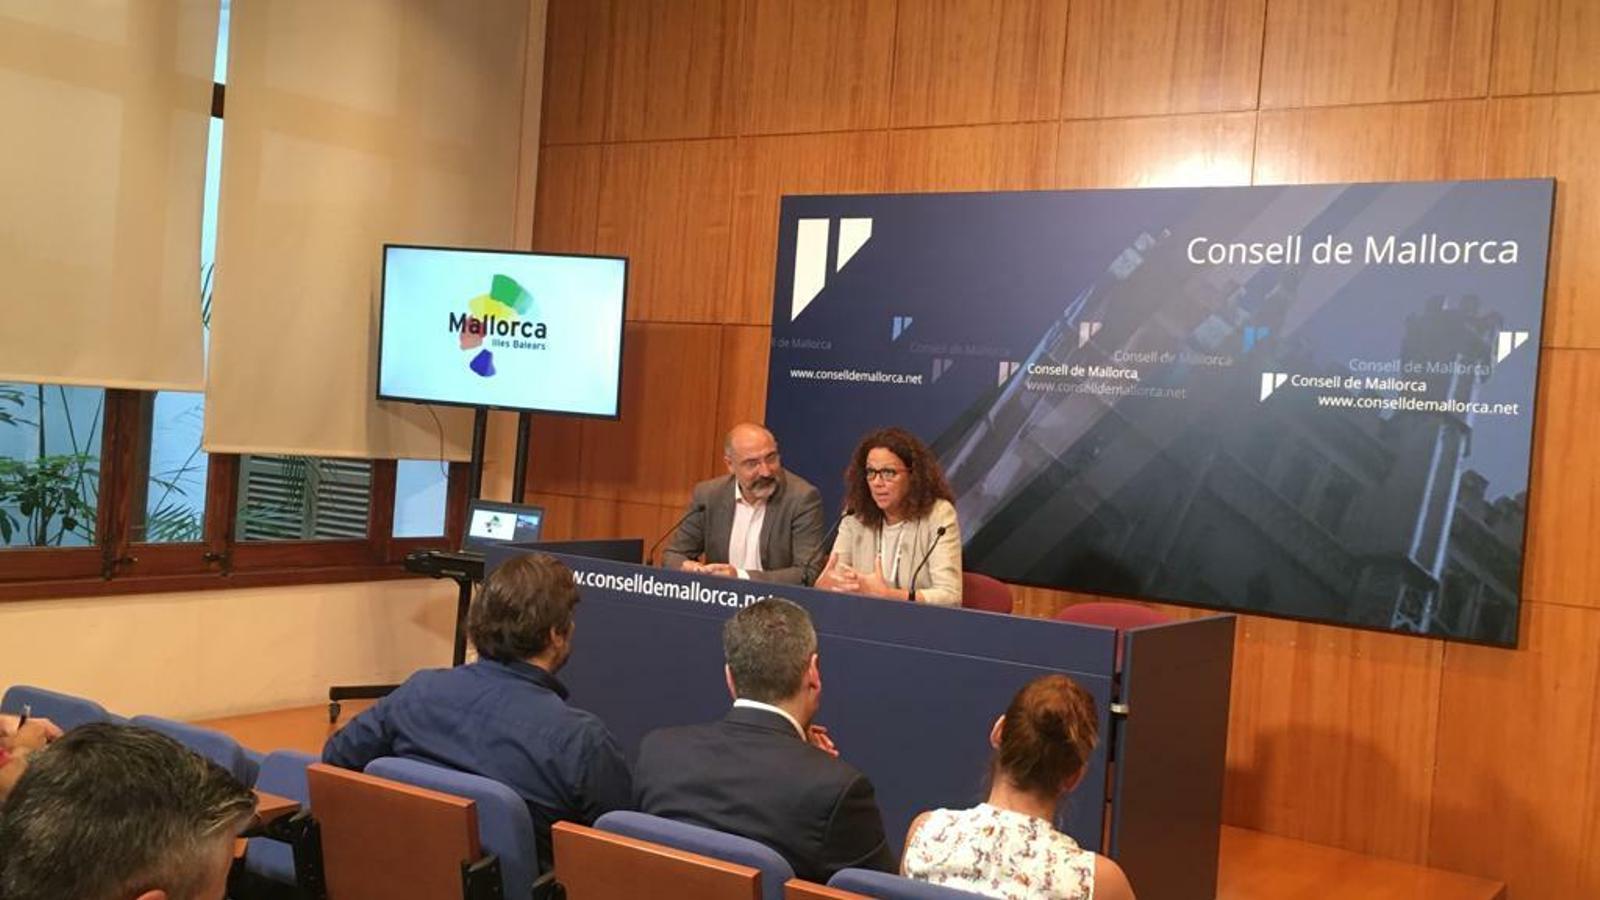 La presidenta del Consell de Mallorca, Catalina Cladera, durant la presentació